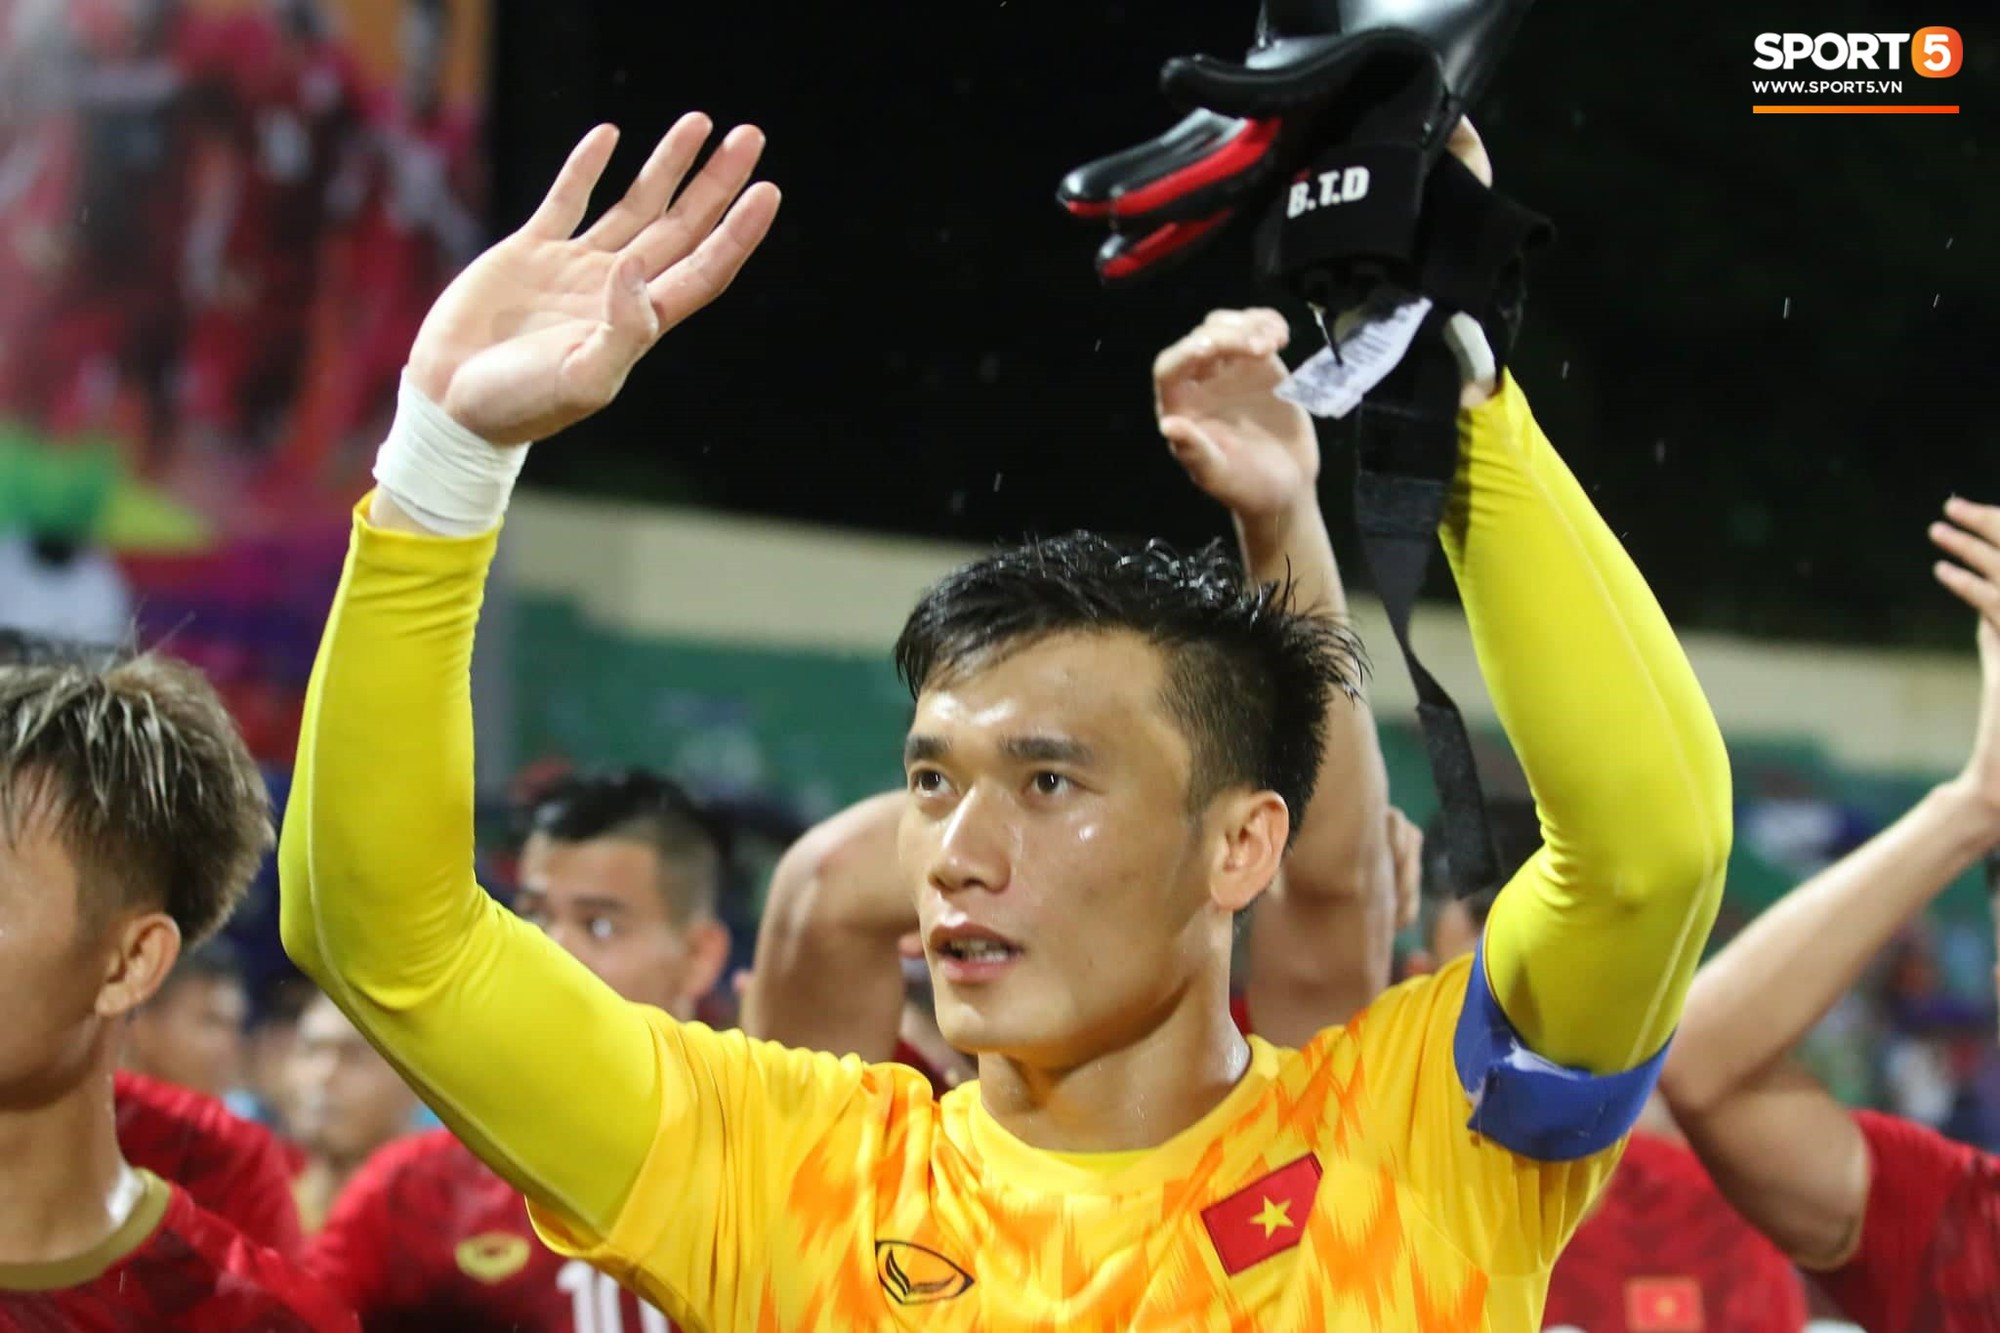 Hình ảnh cảm động: U23 Việt Nam đội mưa đi khắp khán đài cảm ơn người hâm mộ sau trận thắng U23 Myanmar - Ảnh 5.